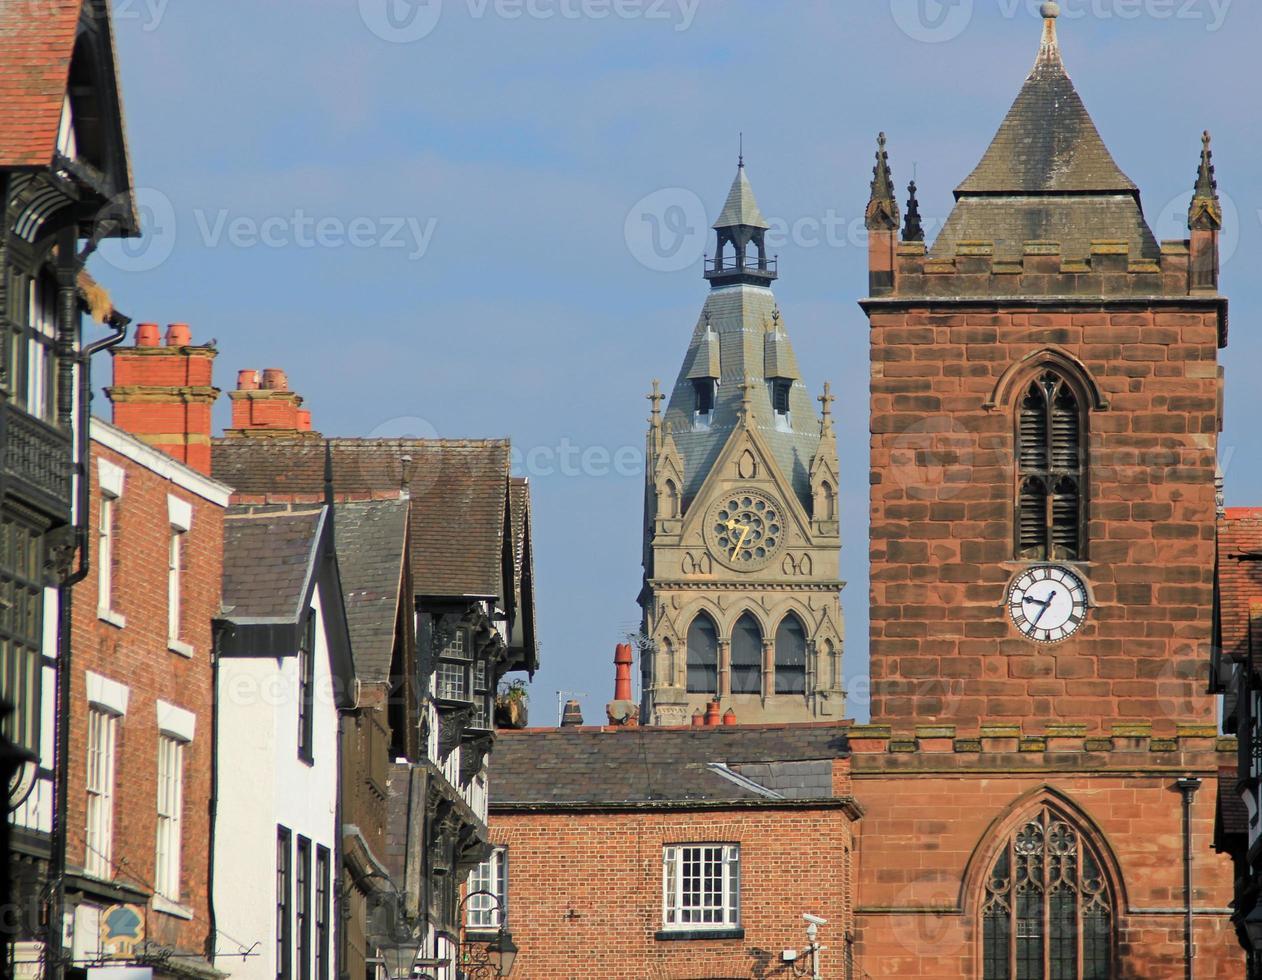 Catedral de Chester, High Street y Torre del Reloj, Chester, Reino Unido foto